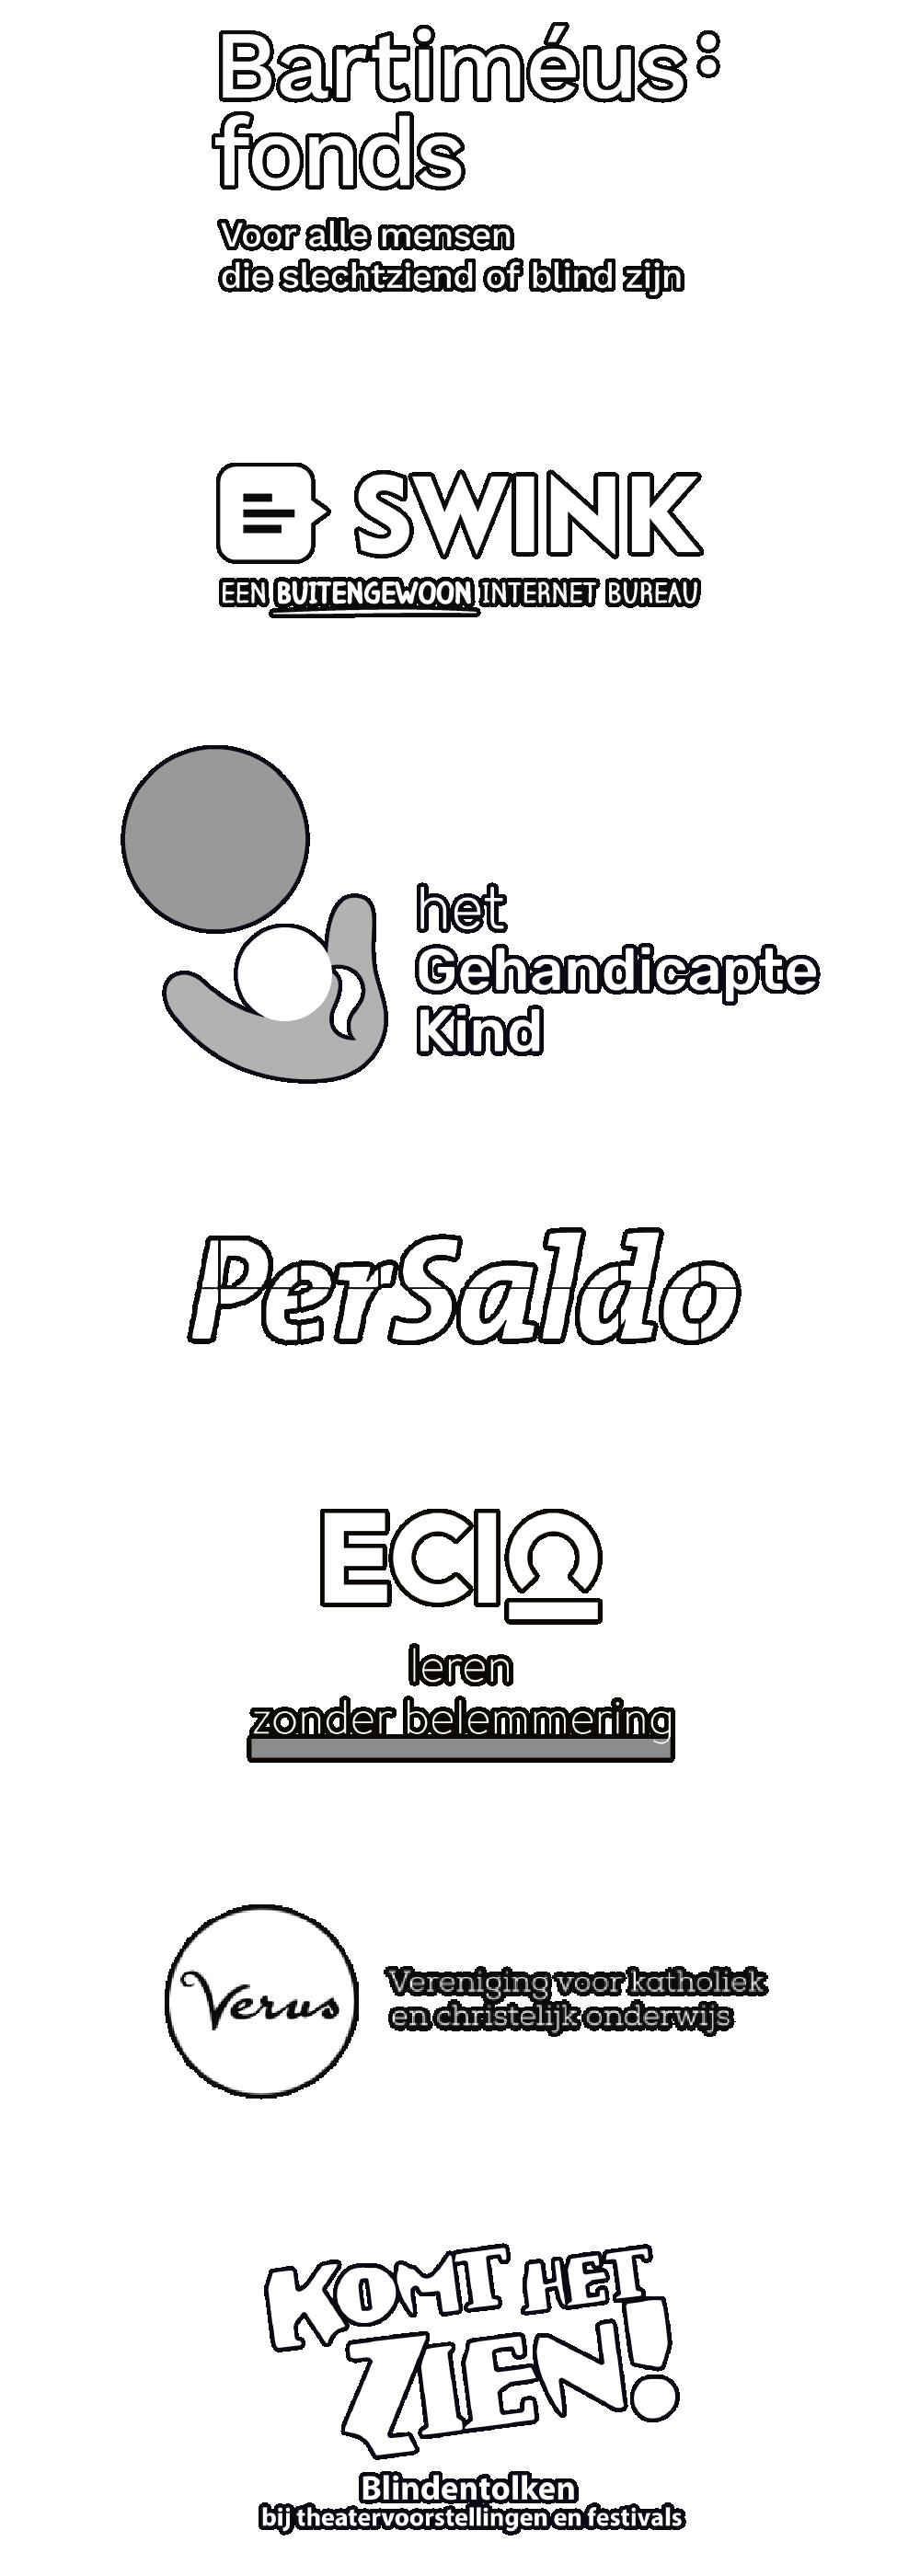 Partner logo's: Bartimeus Fonds, Swink, Het gehandicapte kind, PerSaldo, ECIO leren zonder beperking, Verus Vereniging voor katholiek en christelijk onderwijs, Komt het zien! Blindentolken